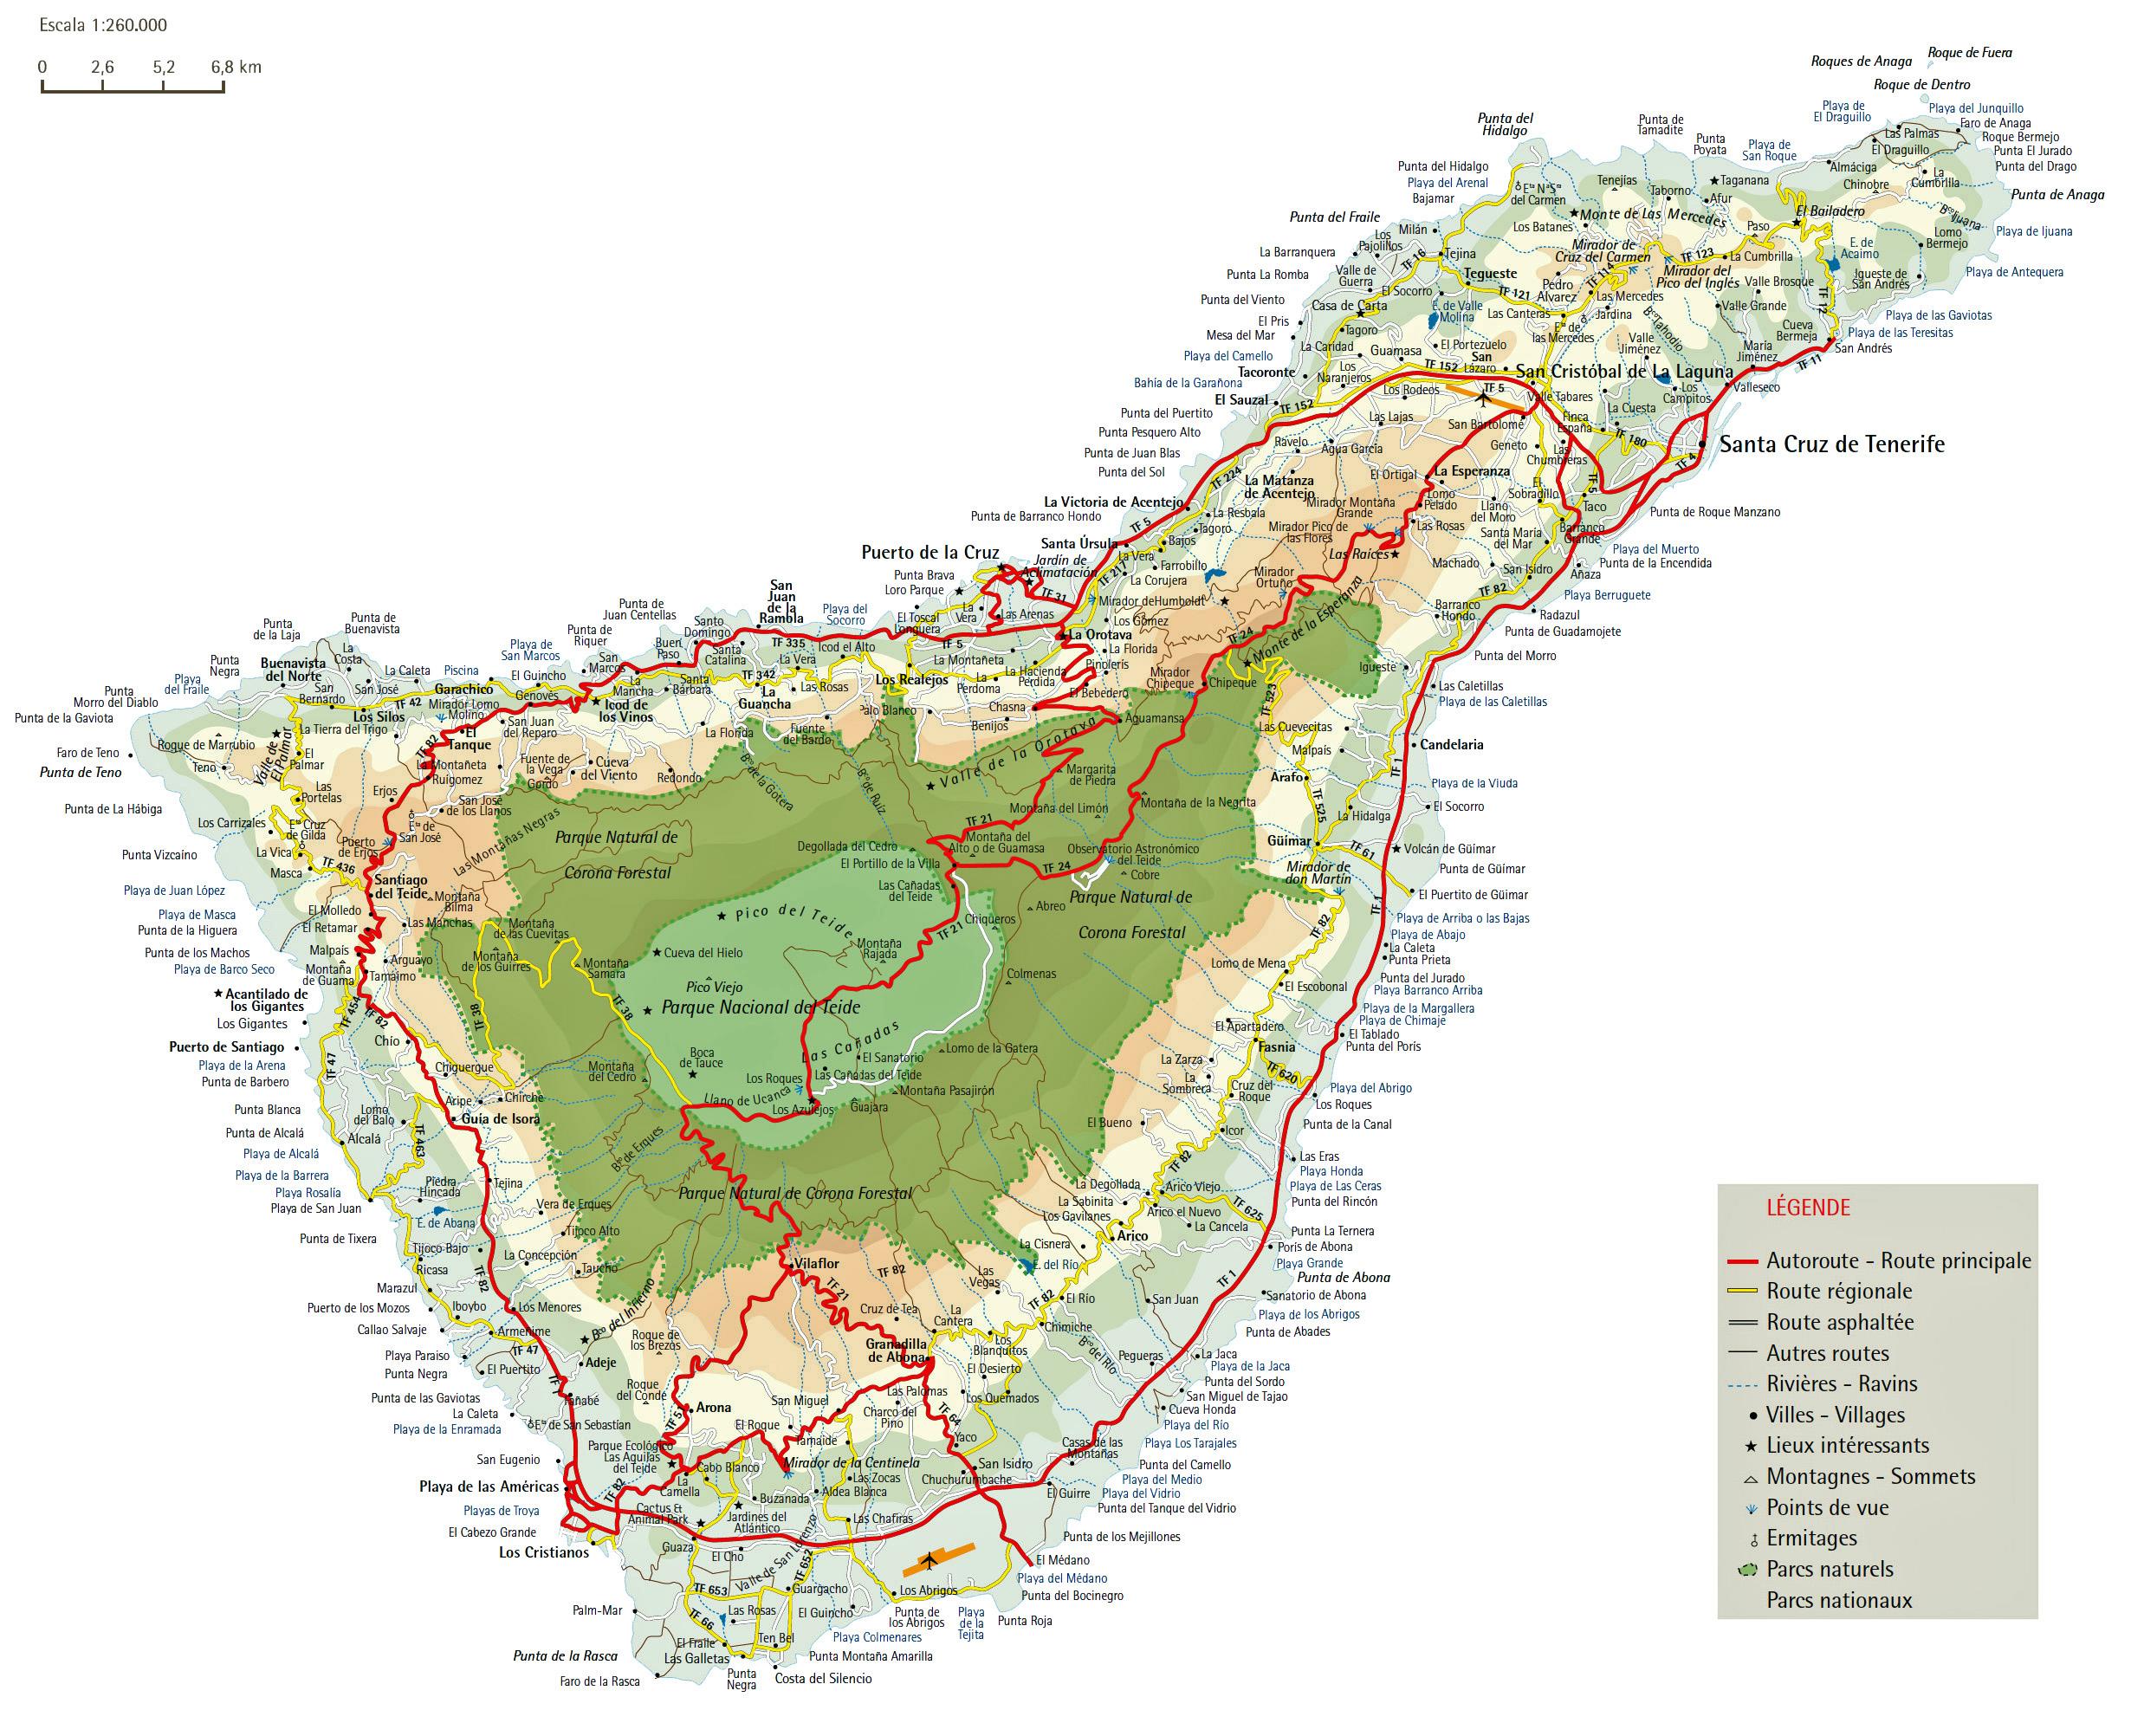 L'île de Ténériffe aux Canaries